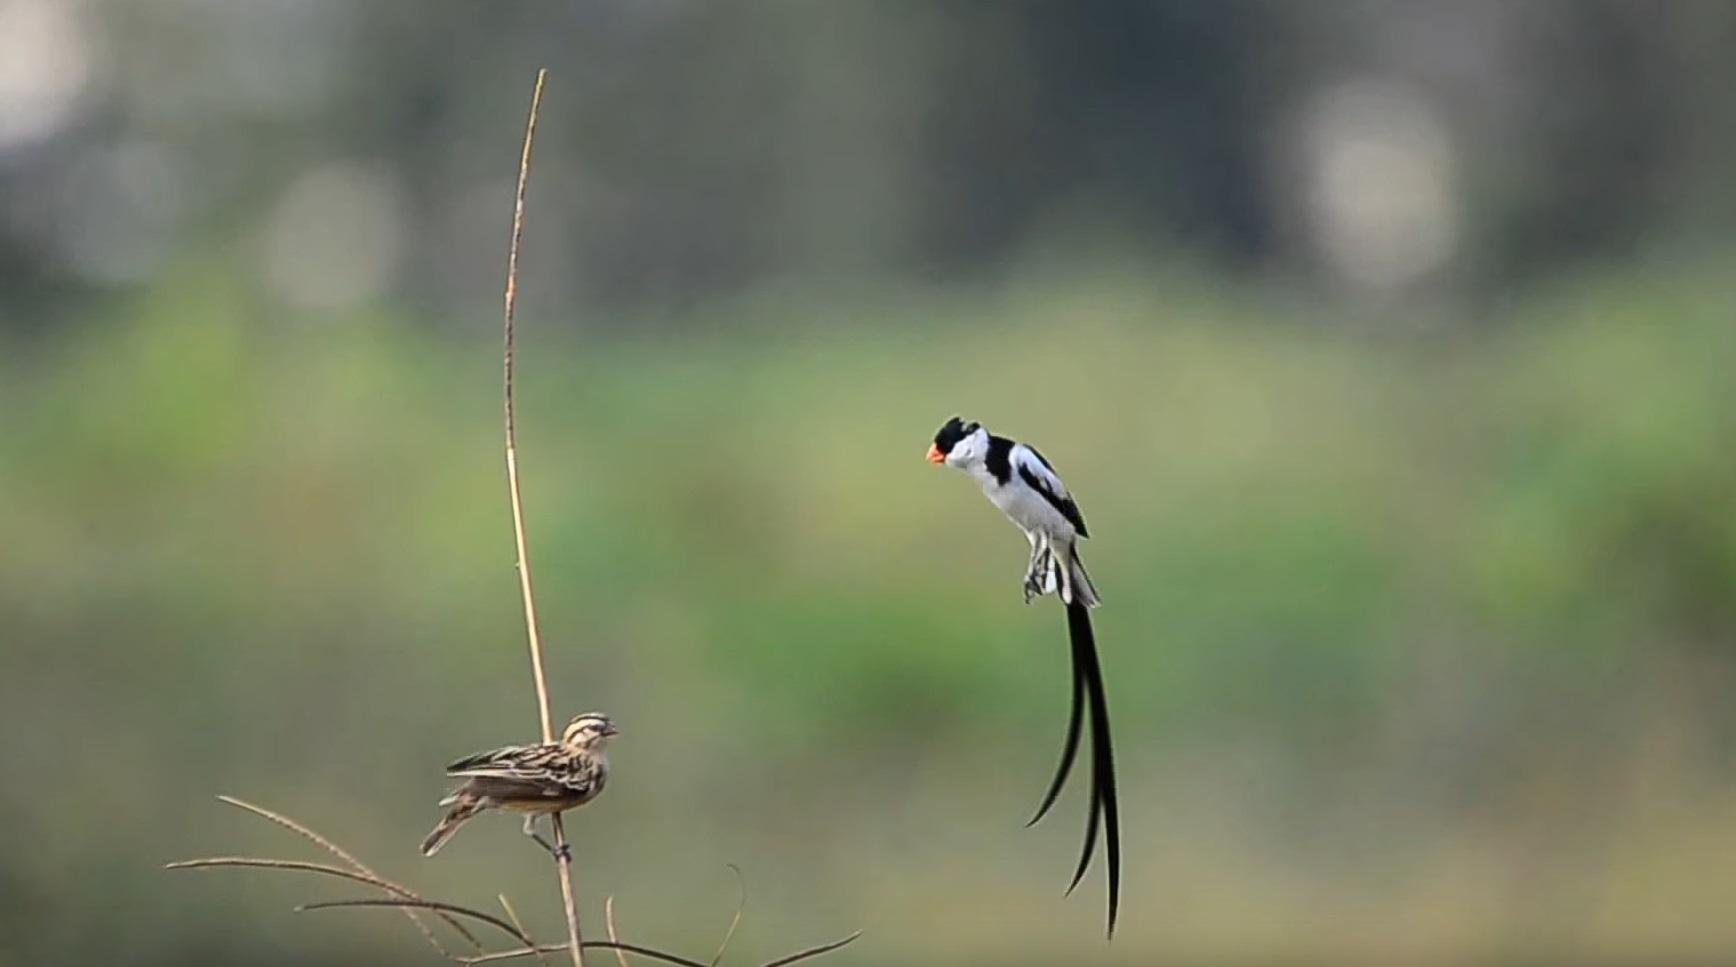 Bird Does Courtship Dance